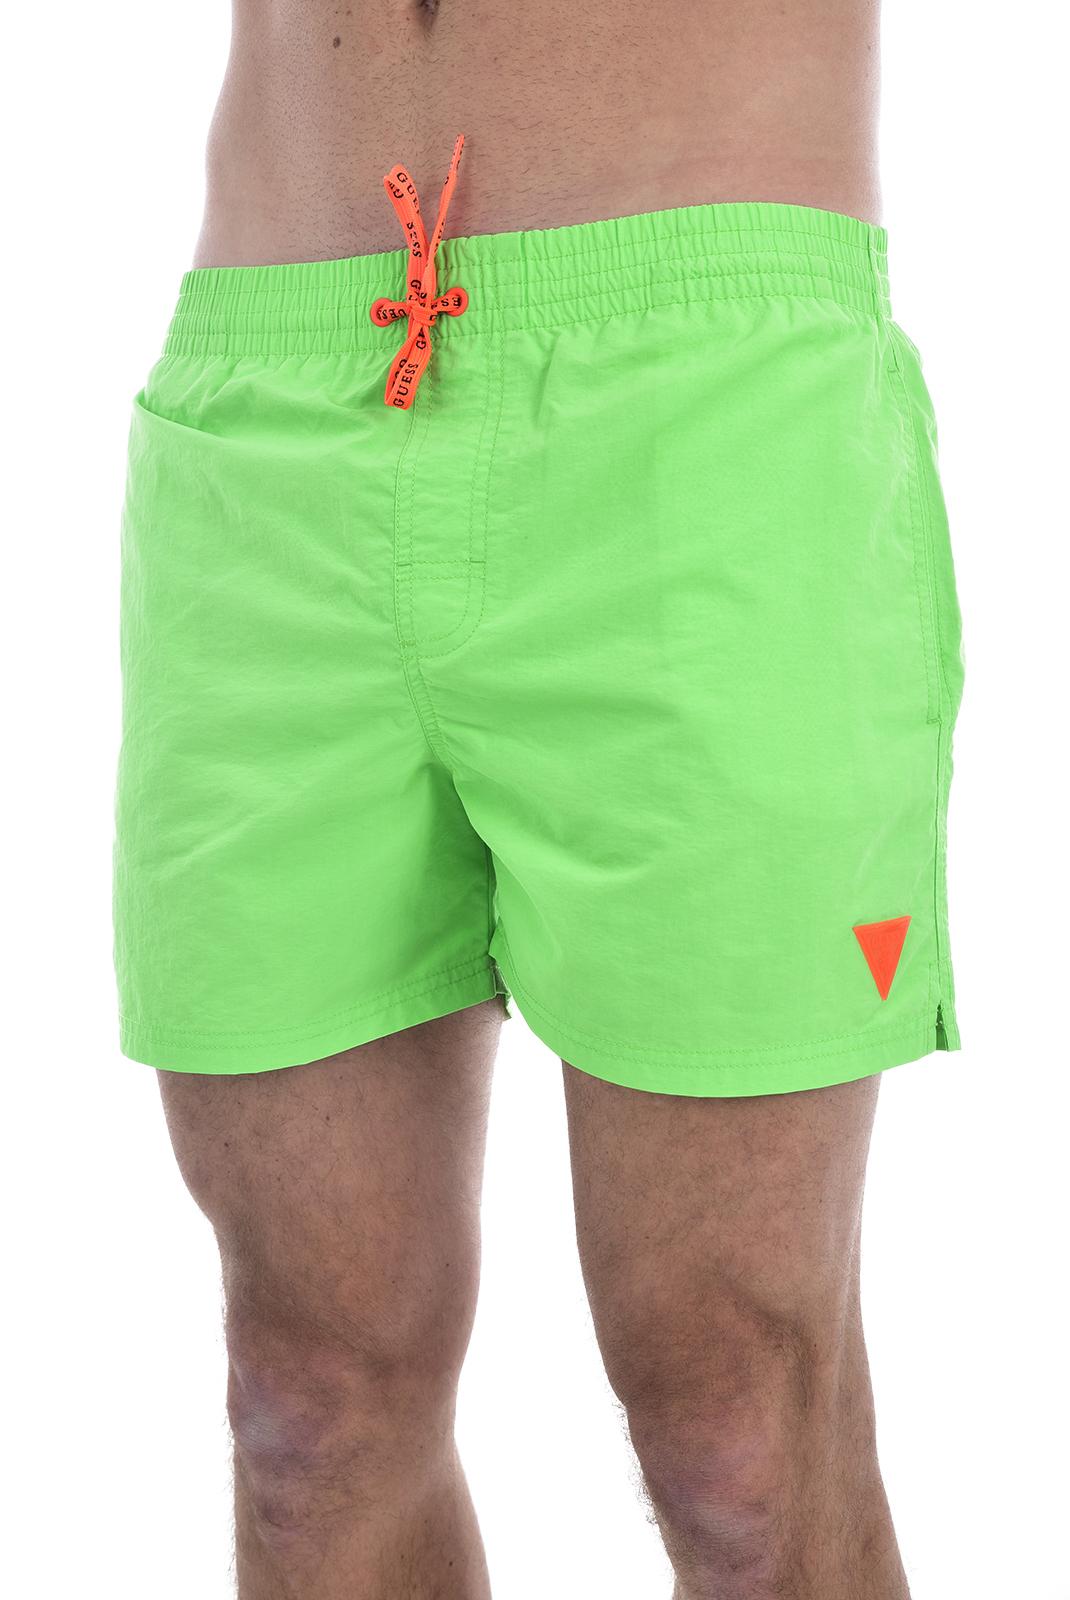 Shorts de bain  Guess jeans F02T00 TEL27 LIFL